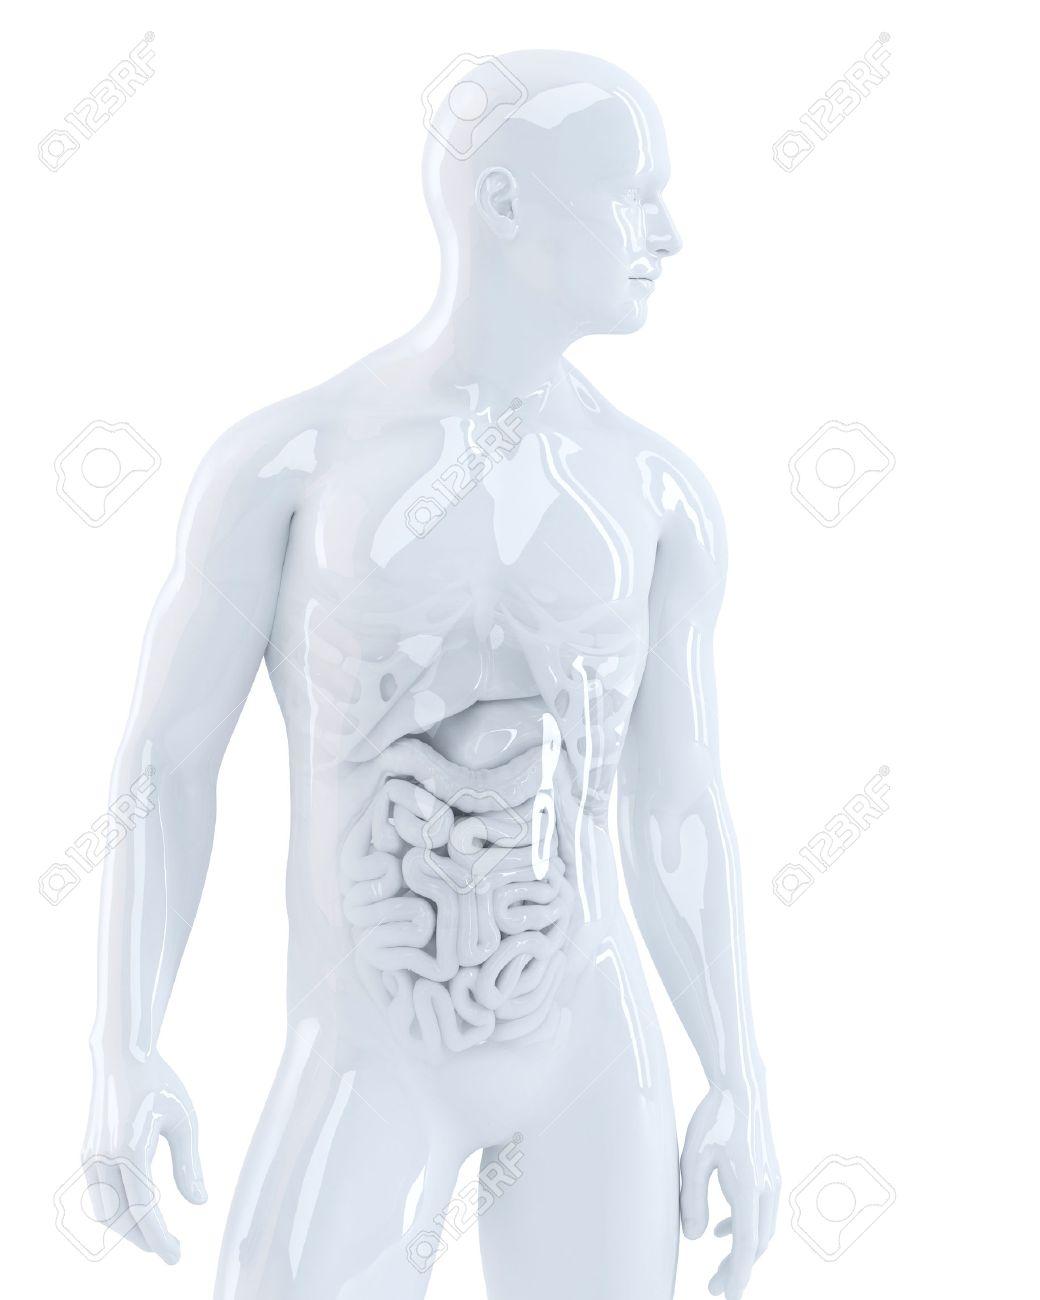 Cuerpo Humano Con Los órganos Internos. 3d Ilustración. Aislado ...